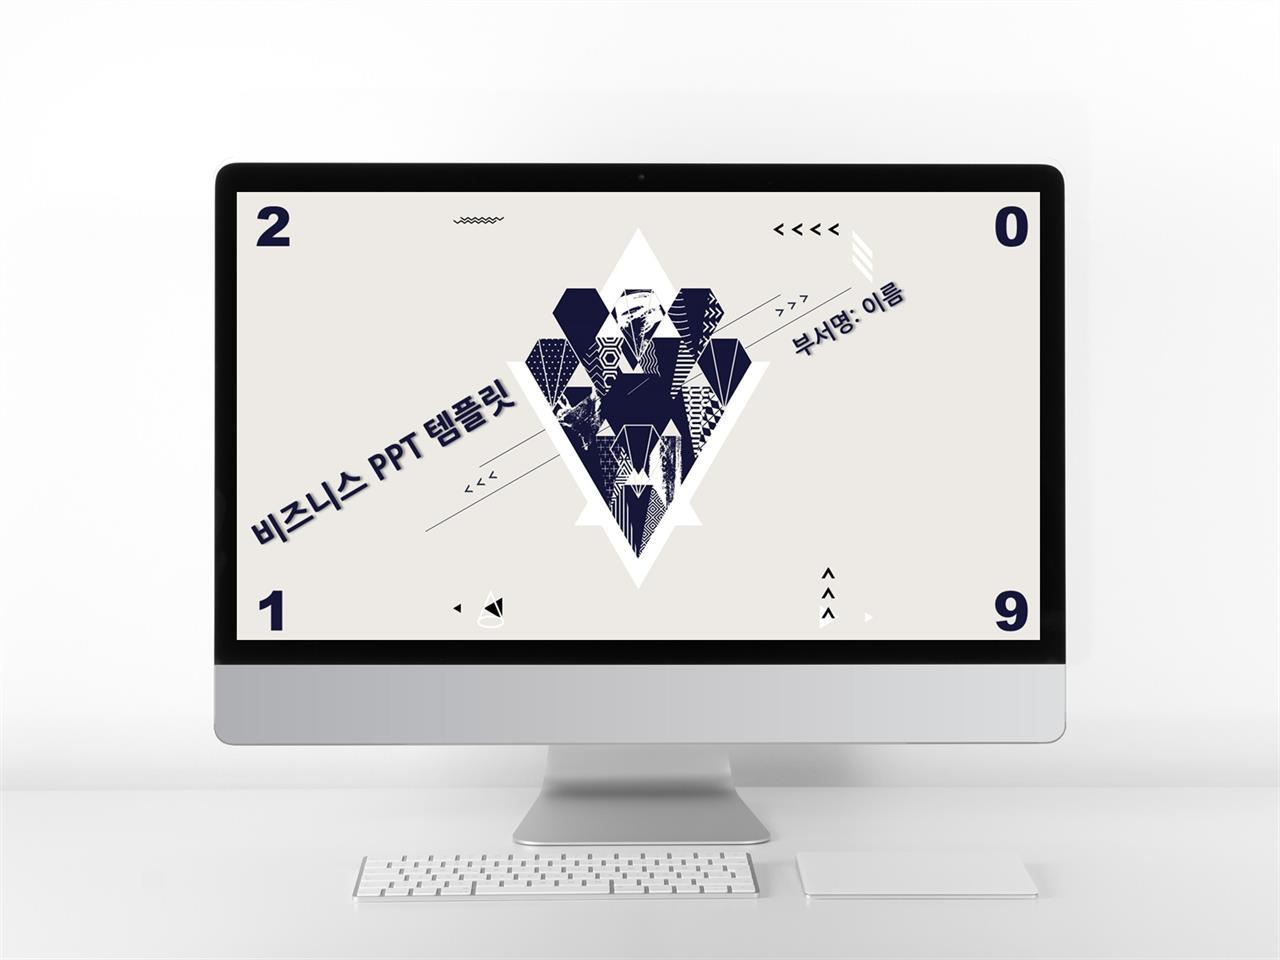 상업계획 푸른색 애니메이션 프로급 파워포인트양식 사이트 미리보기